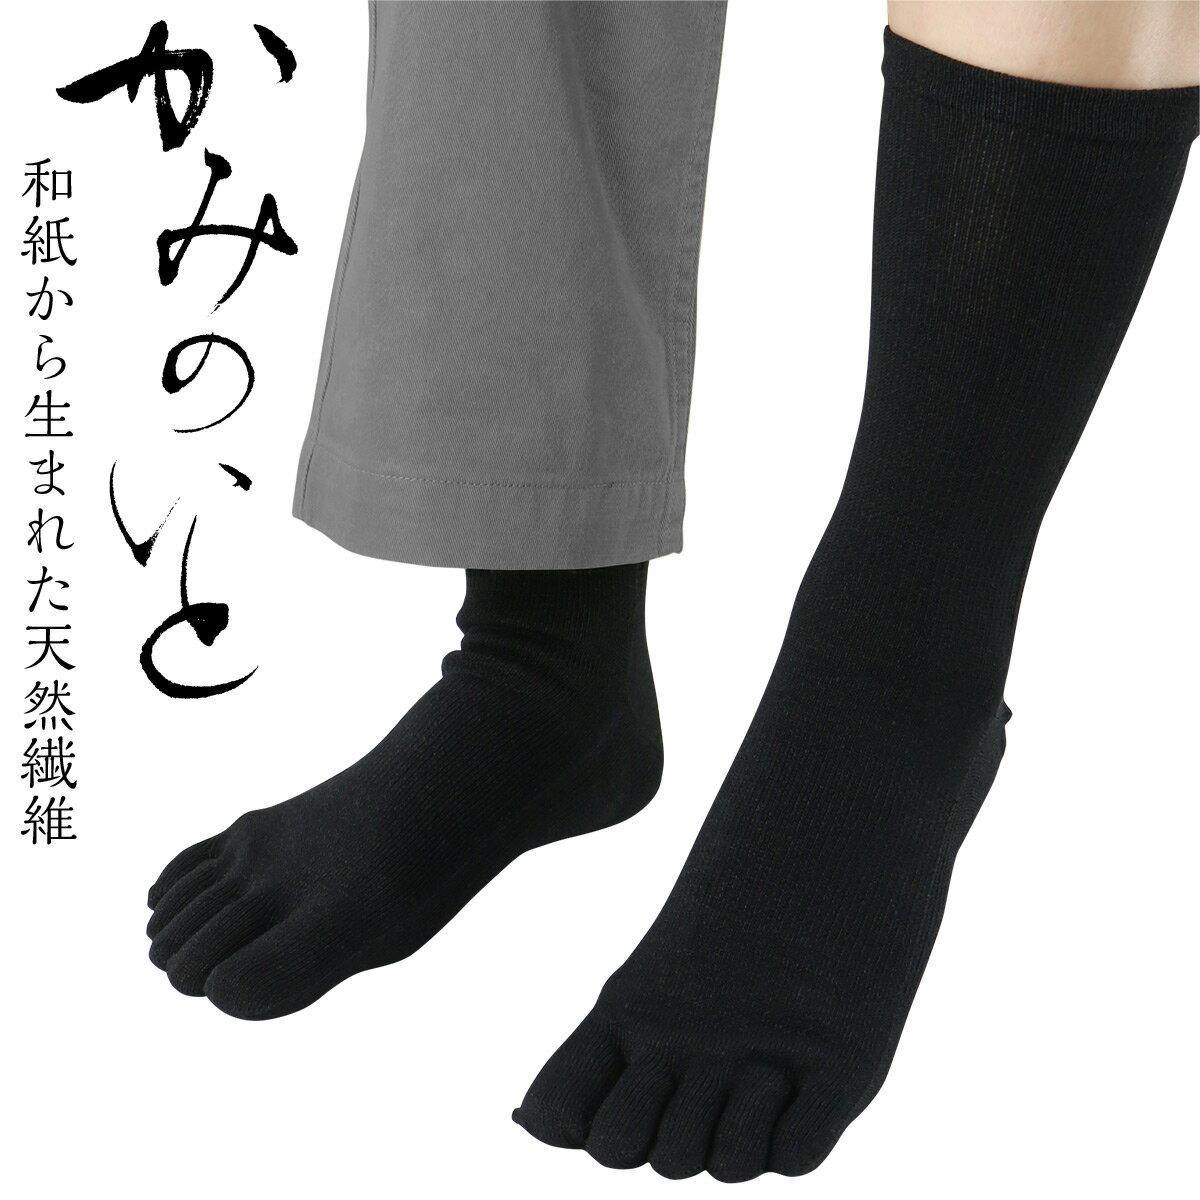 和紙から生まれた天然繊維紙から生まれた かみのいと OJO+ 軽量 吸水速乾 無地 5本指 日本製メンズ クルー丈 ソックス 和紙 靴下 男性 メンズ プレゼント 贈答 ギフト2997-403ポイント10倍